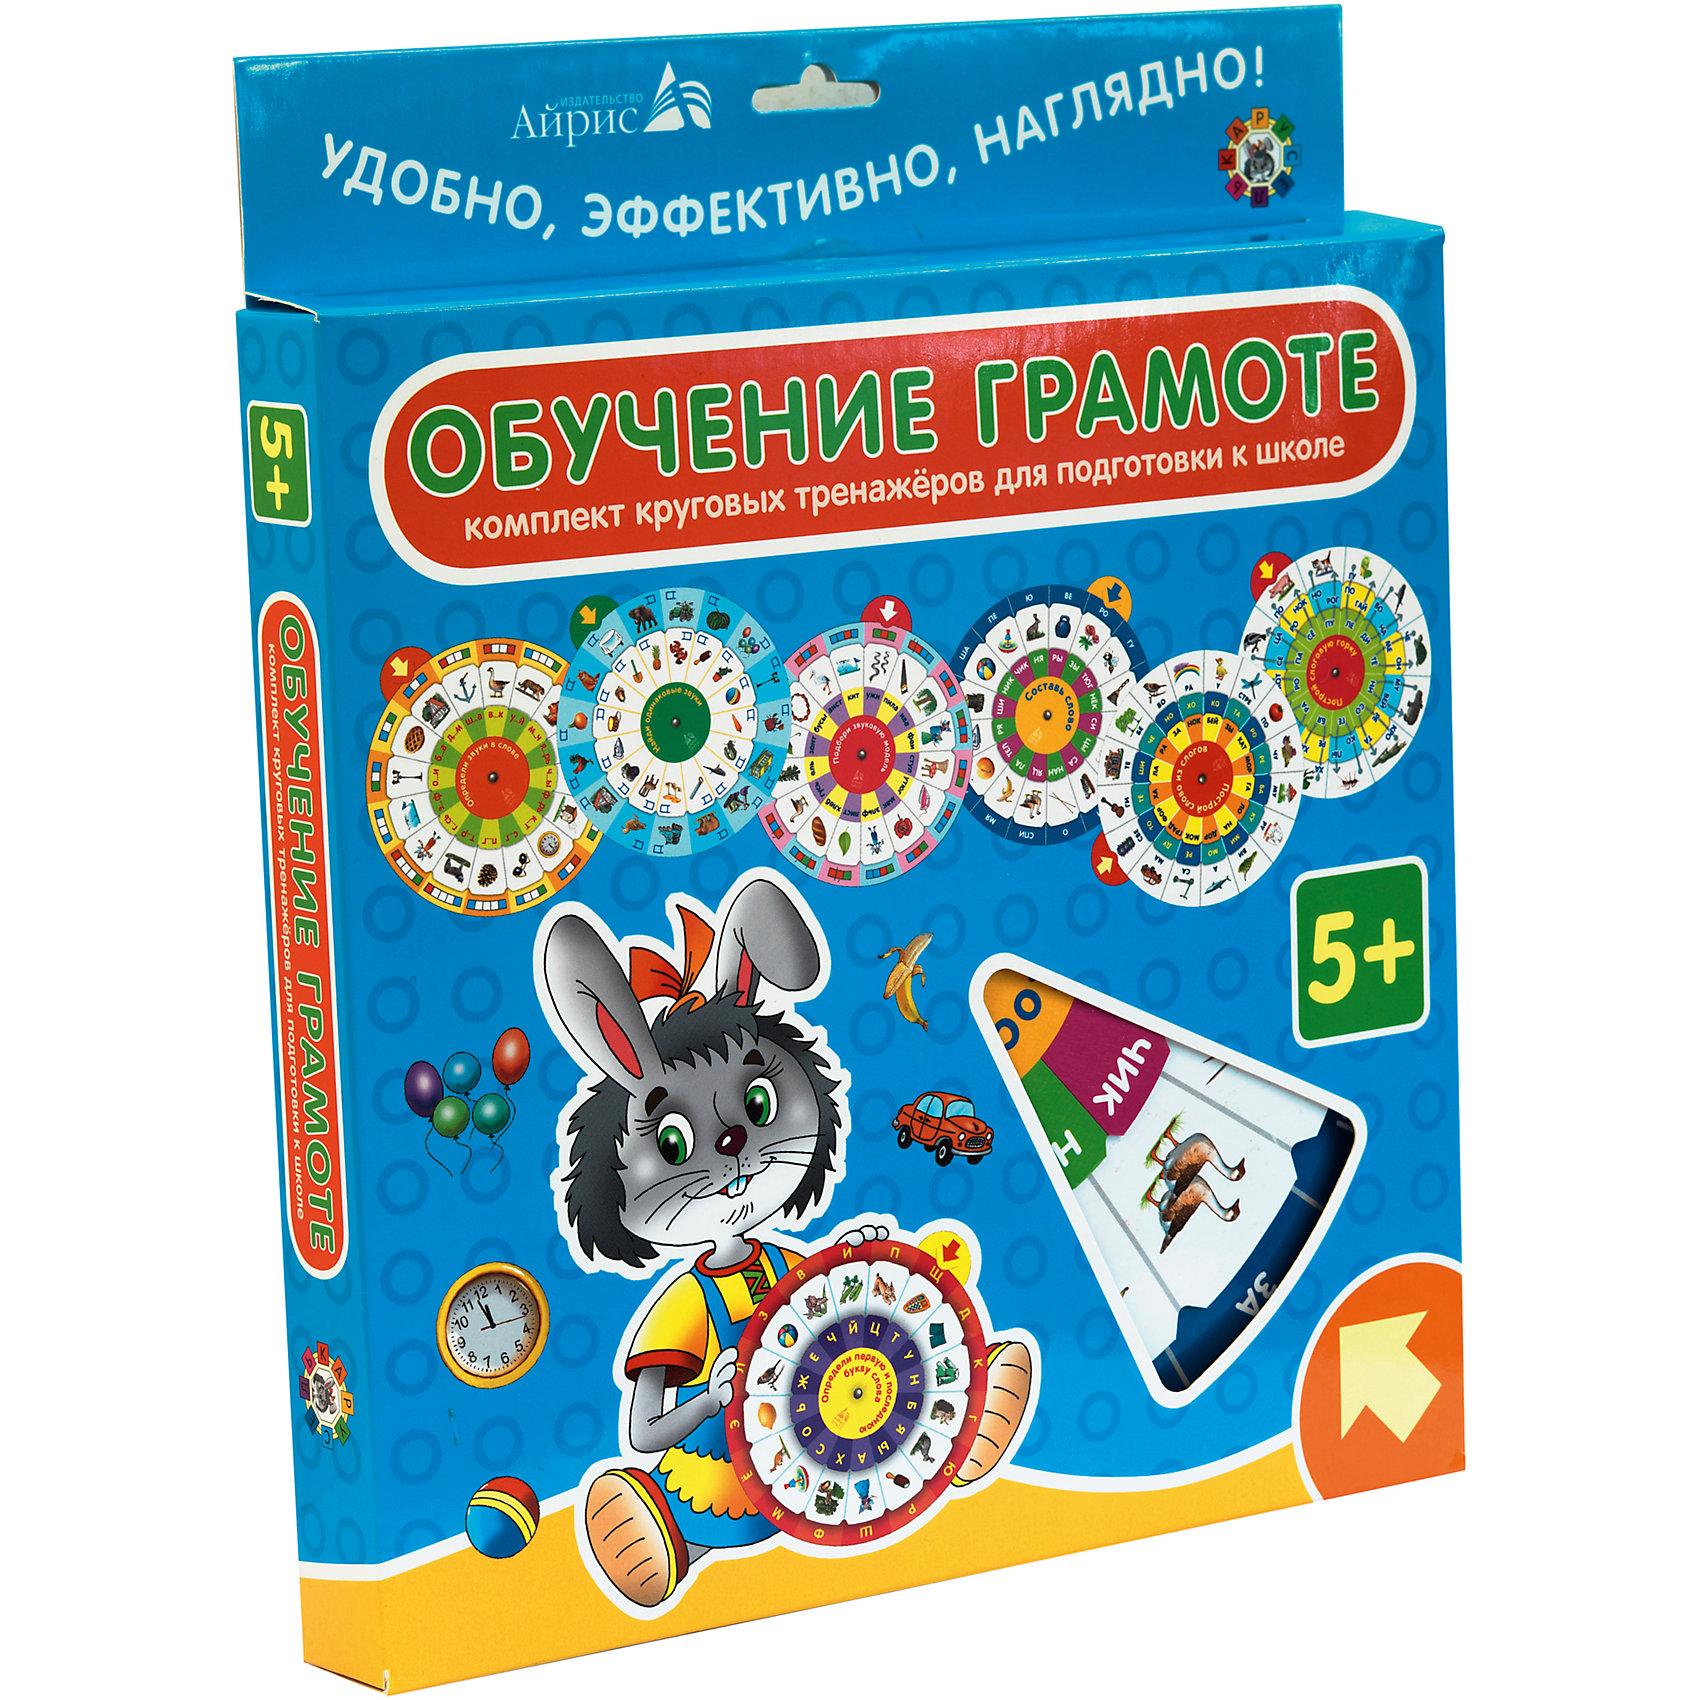 Комплект из 7 кругов Обучение грамотеАзбуки<br>Круговые тренажёры Обучение грамоте помогут отработать навык чтения. &#13;<br>Игровая подача учебного материала, оригинальный дизайн, яркие иллюстрации и  краткие задания делают подготовку к школе лёгкой и интересной.&#13;<br>Тренажёры предусматривают самостоятельную игру: вращая круги и выполняя задания, ребёнок закрепляет и проверяет свои знания.&#13;<br>&#13;<br>Пособия максимально просты и удобны в использовании. Для начала занятия достаточно взять круг в руки и ознакомится с краткой инструкцией на обратной стороне коробки. &#13;<br>В комплект входит брошюра с подробным описанием дополнительных игр и заданий. &#13;<br>&#13;<br>Комплект круговых тренажёров Обучение грамоте предназначен старшим дошкольникам для подготовки к школе и ученикам 1 класса для повторения знаний и закрепления навыка чтения.<br><br>Ширина мм: 26<br>Глубина мм: 220<br>Высота мм: 260<br>Вес г: 261<br>Возраст от месяцев: 84<br>Возраст до месяцев: 120<br>Пол: Унисекс<br>Возраст: Детский<br>SKU: 6849629